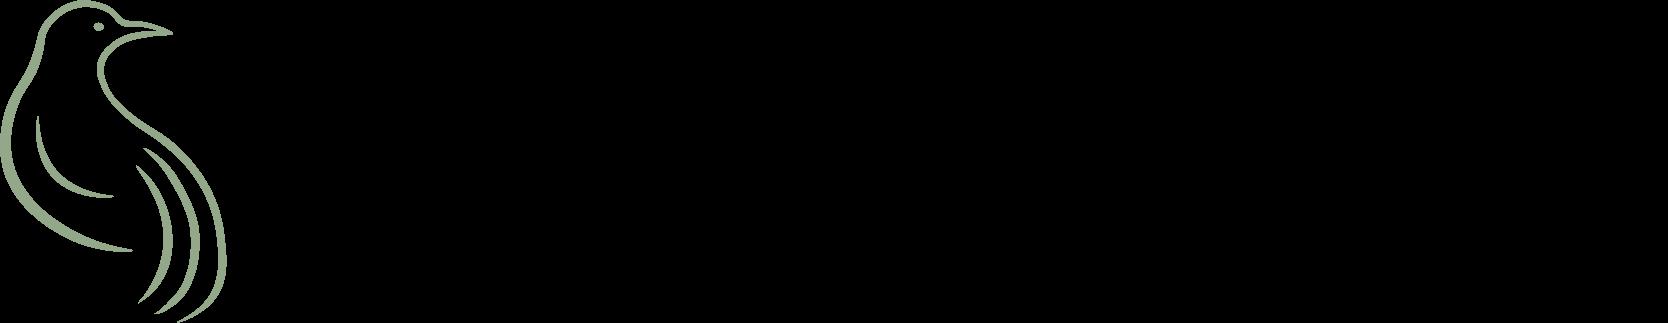 logo_nv_duerrenaesch